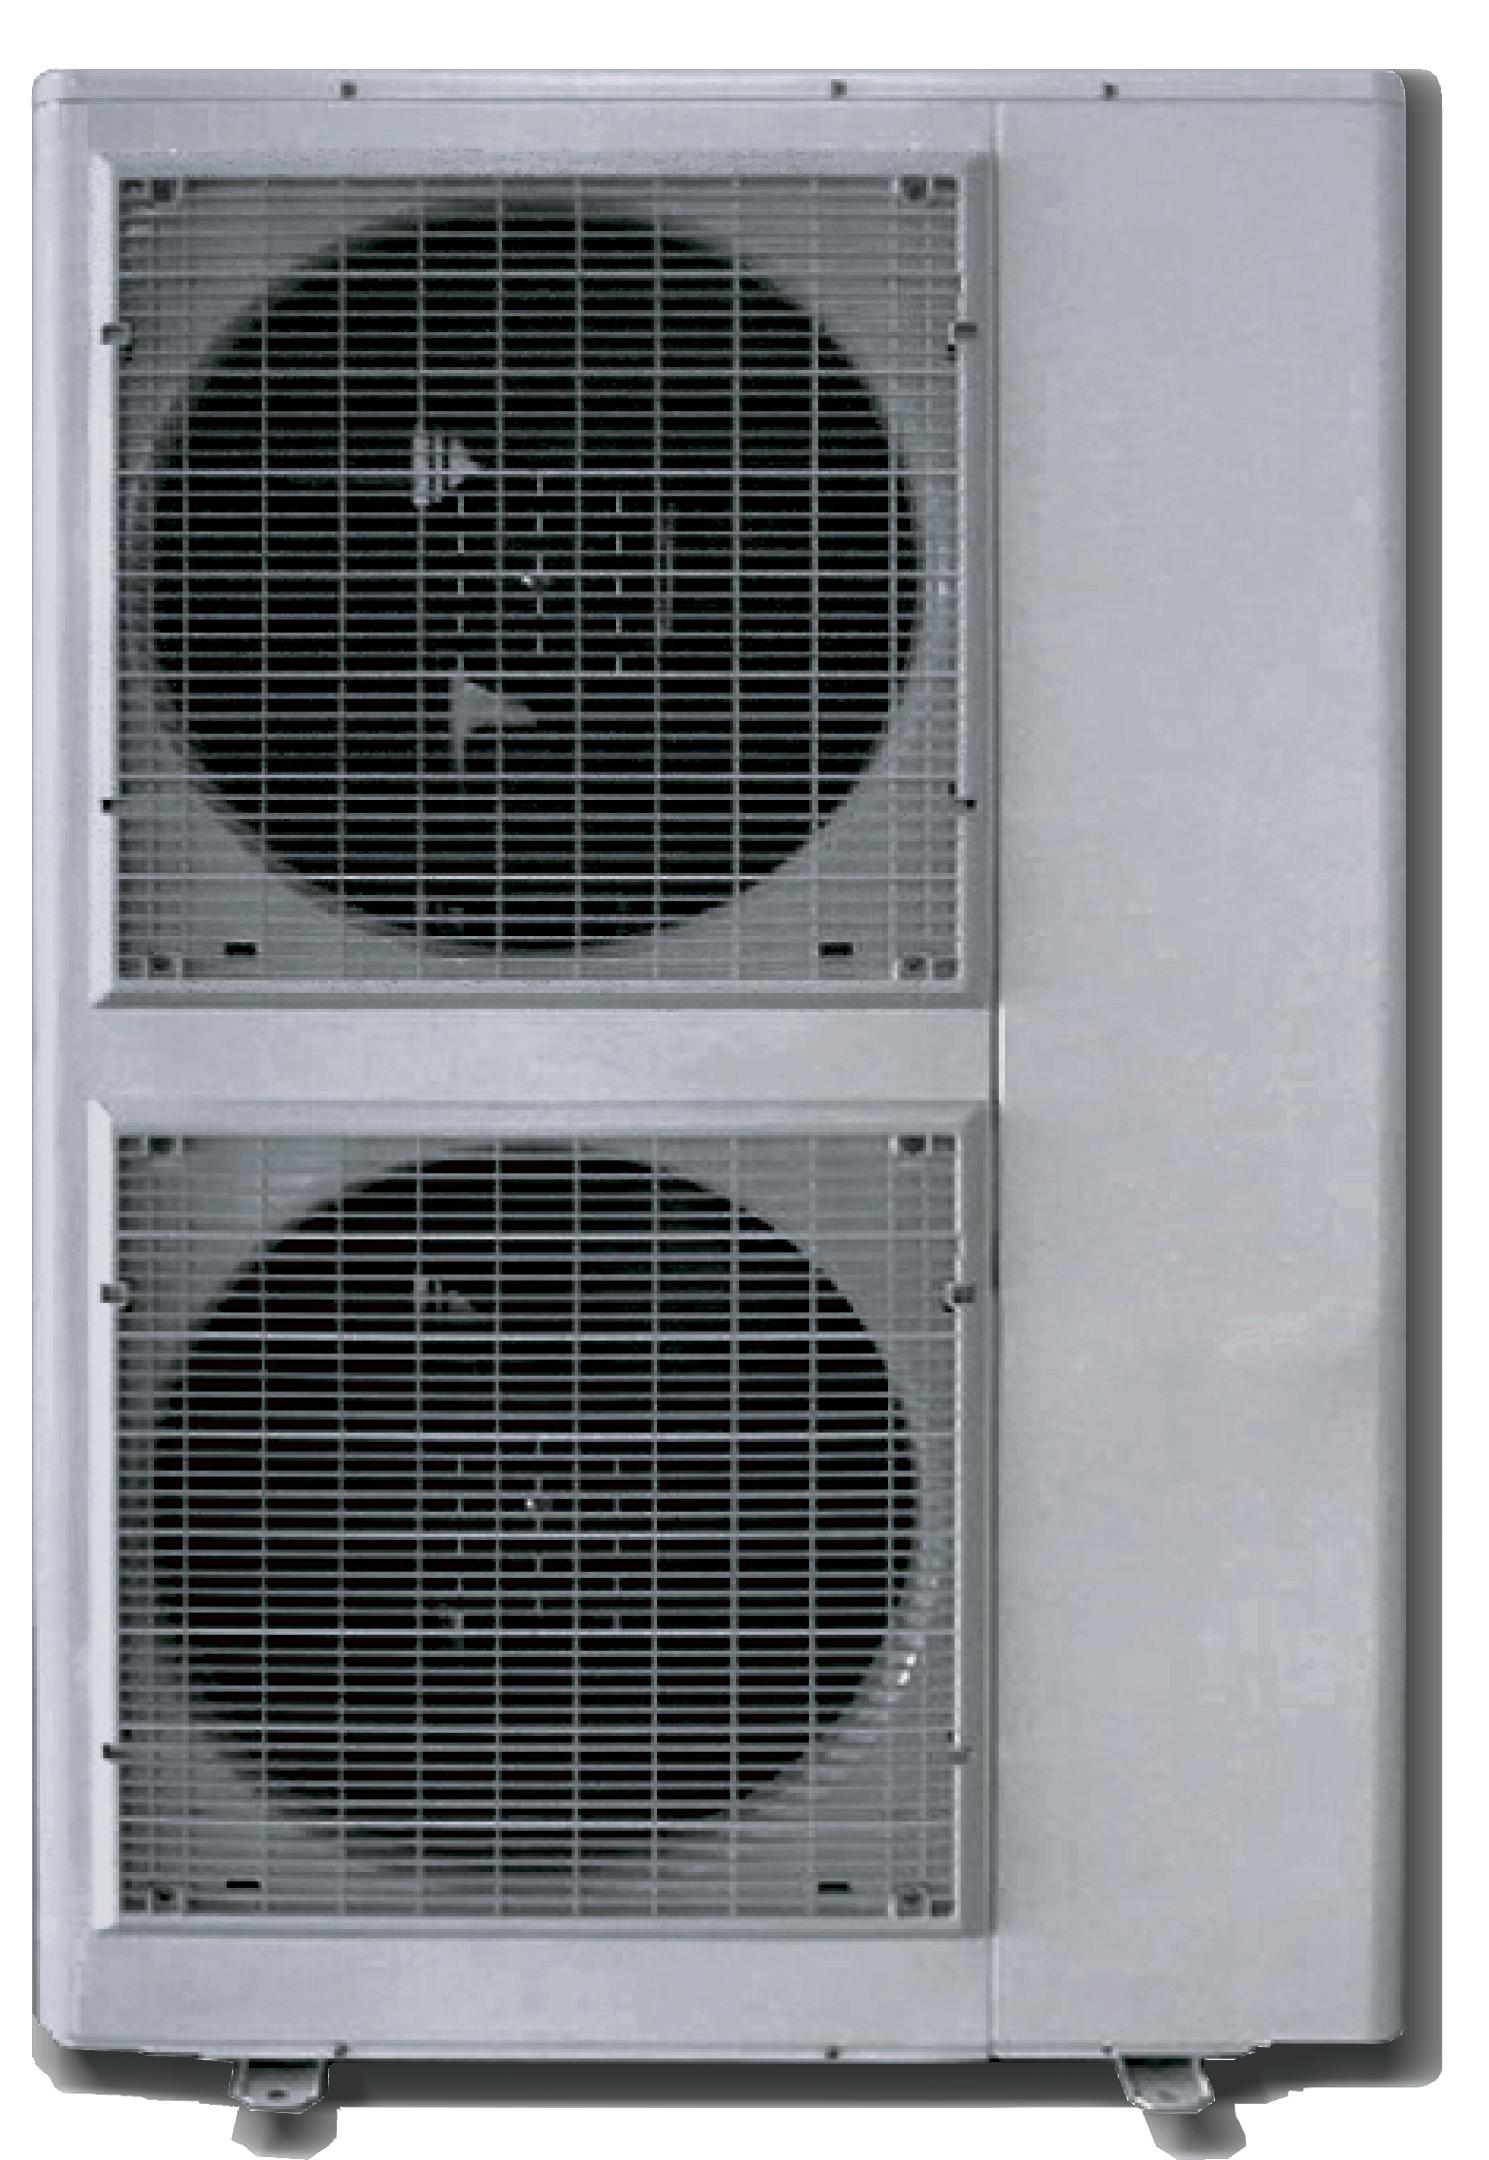 Модель теплового насоса chofu 16kW